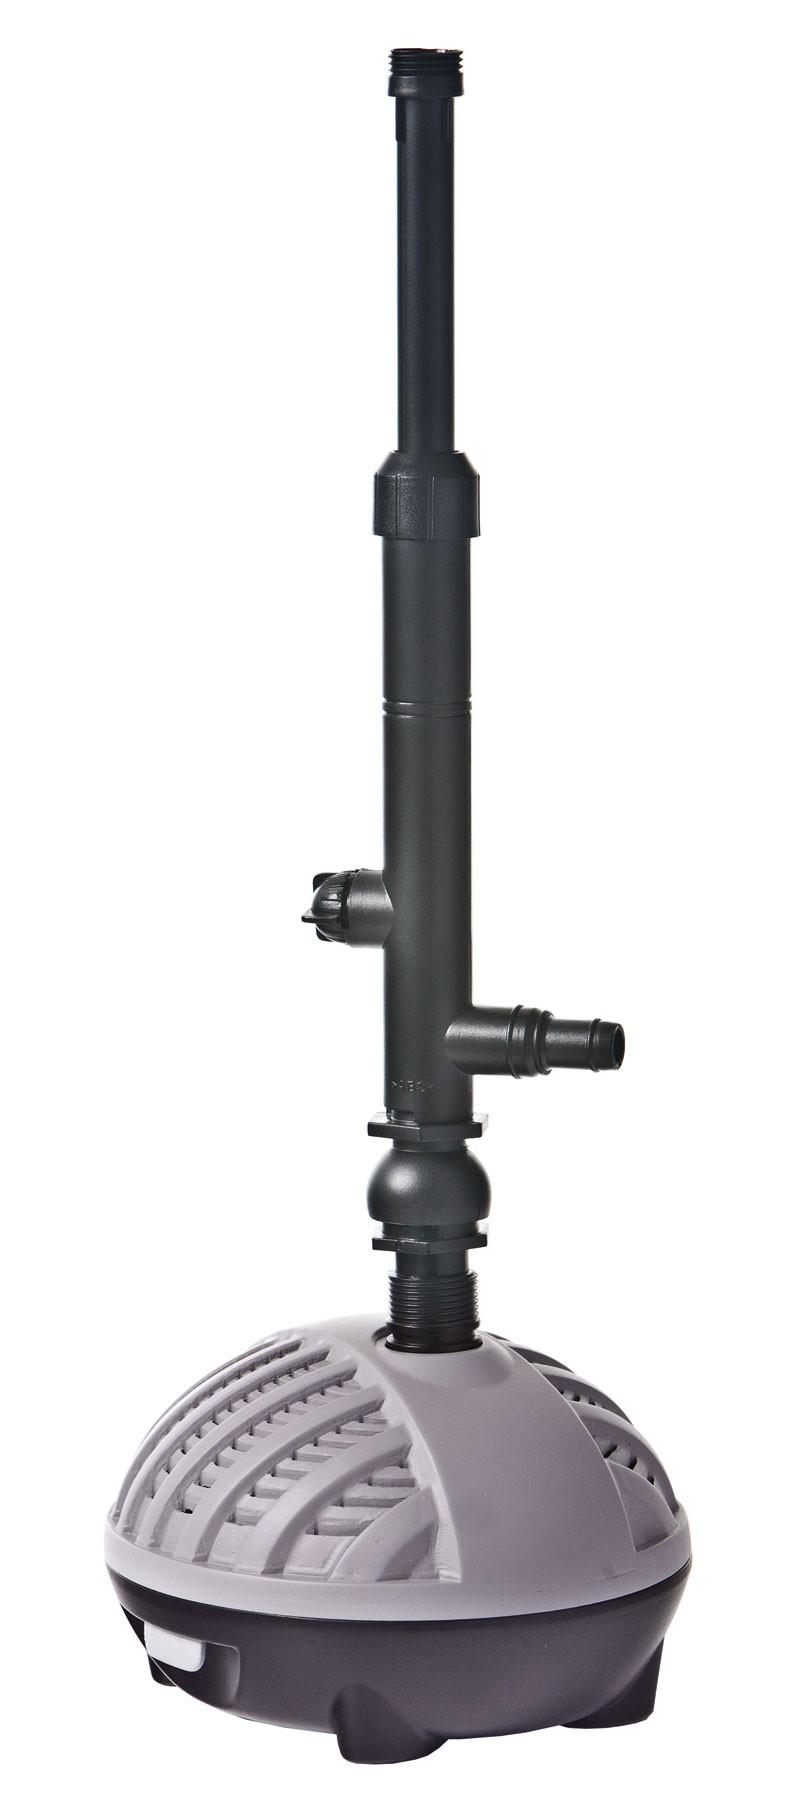 Teichpumpe / Wasserspielpumpe Heissner Smartline Jet ECO HSP 1000-00 Bild 2